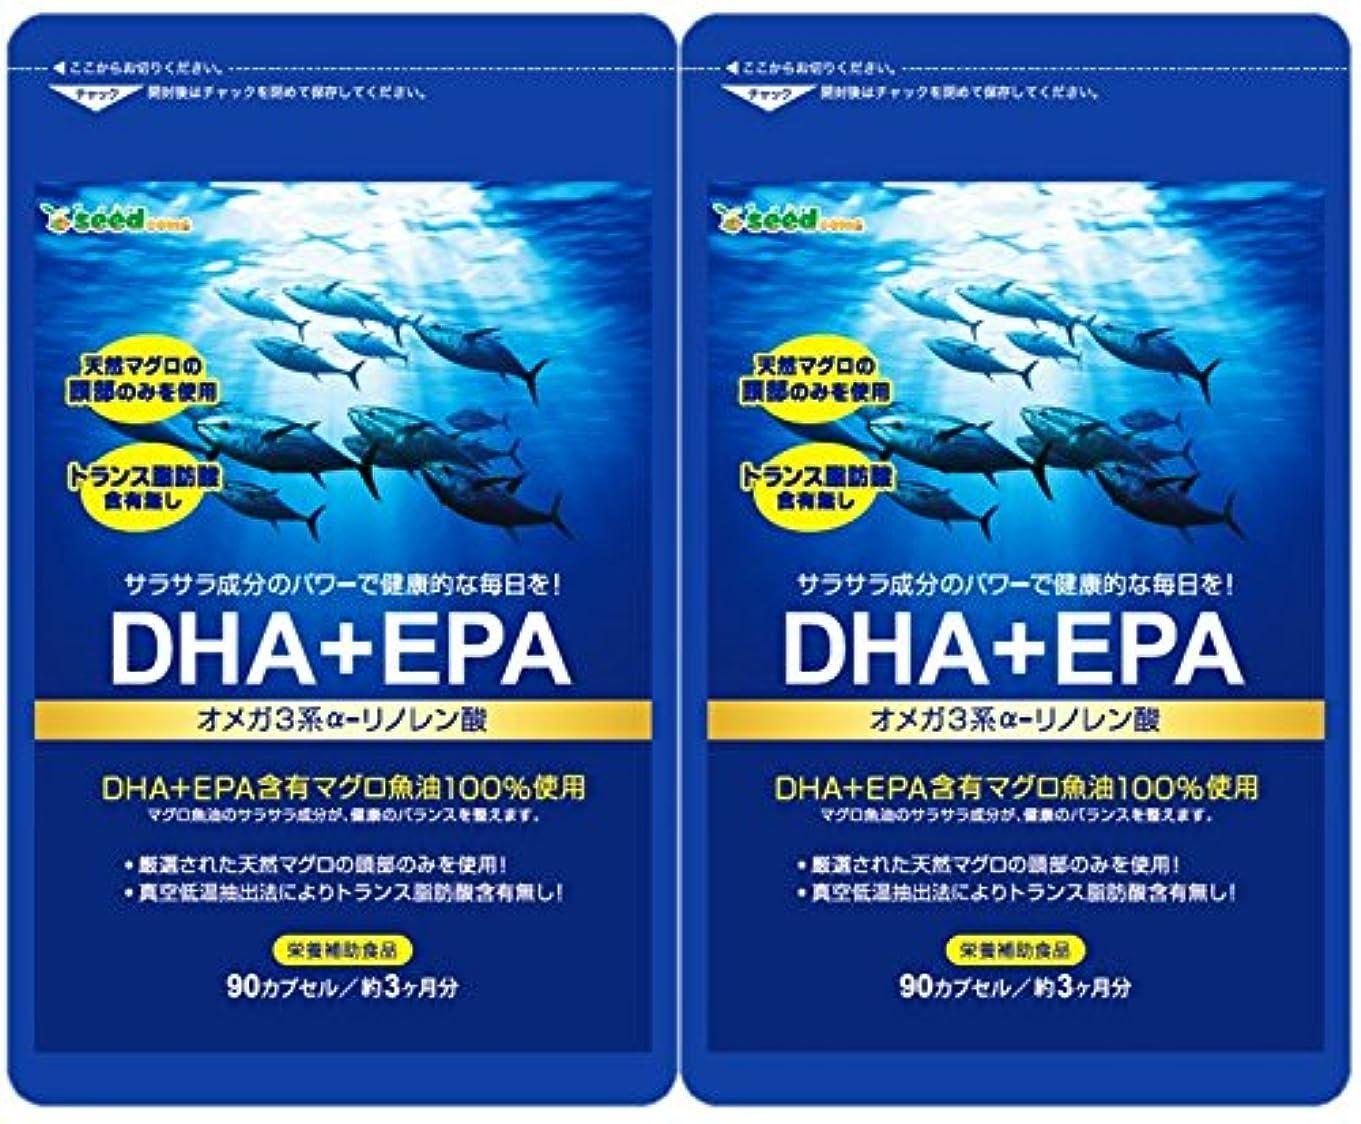 中断セントフィットDHA + EPA (約6ヶ月分/180粒) トランス脂肪酸 0mg ビンチョウマグロの頭部のみを贅沢に使用!